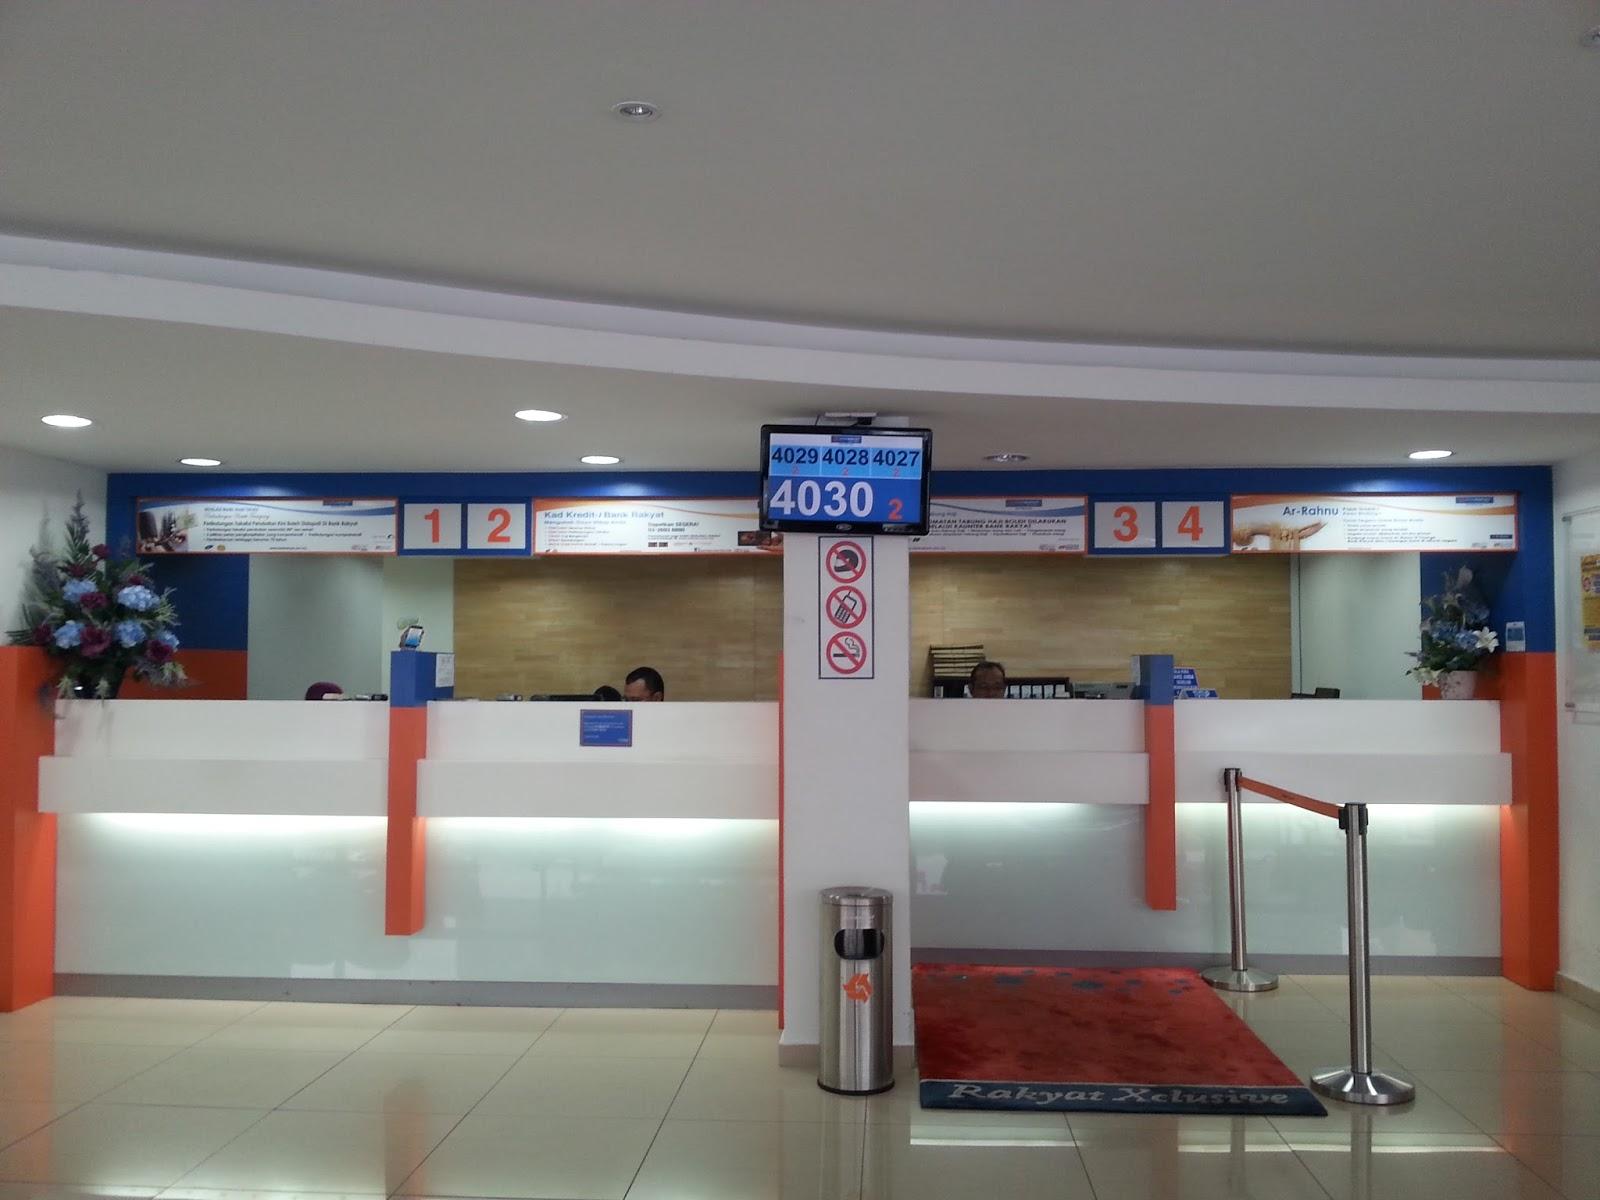 Macam mana cara memohon pekerjaan di Bank Rakyat?